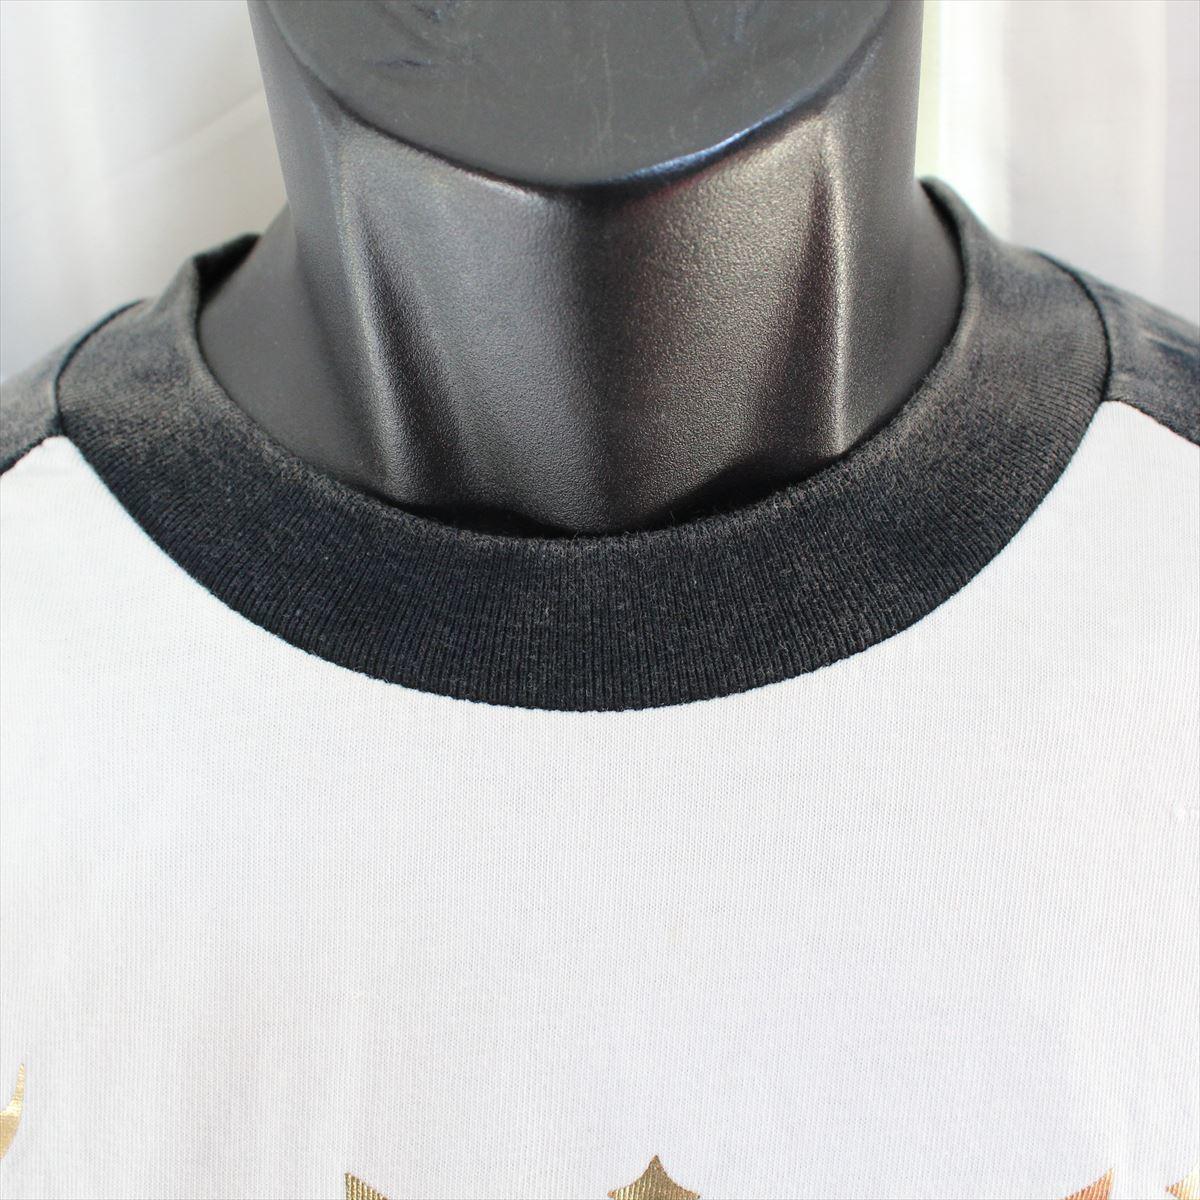 サディスティックアクション SADISTIC ACTION メンズ長袖Tシャツ Lサイズ NO32 新品_画像5